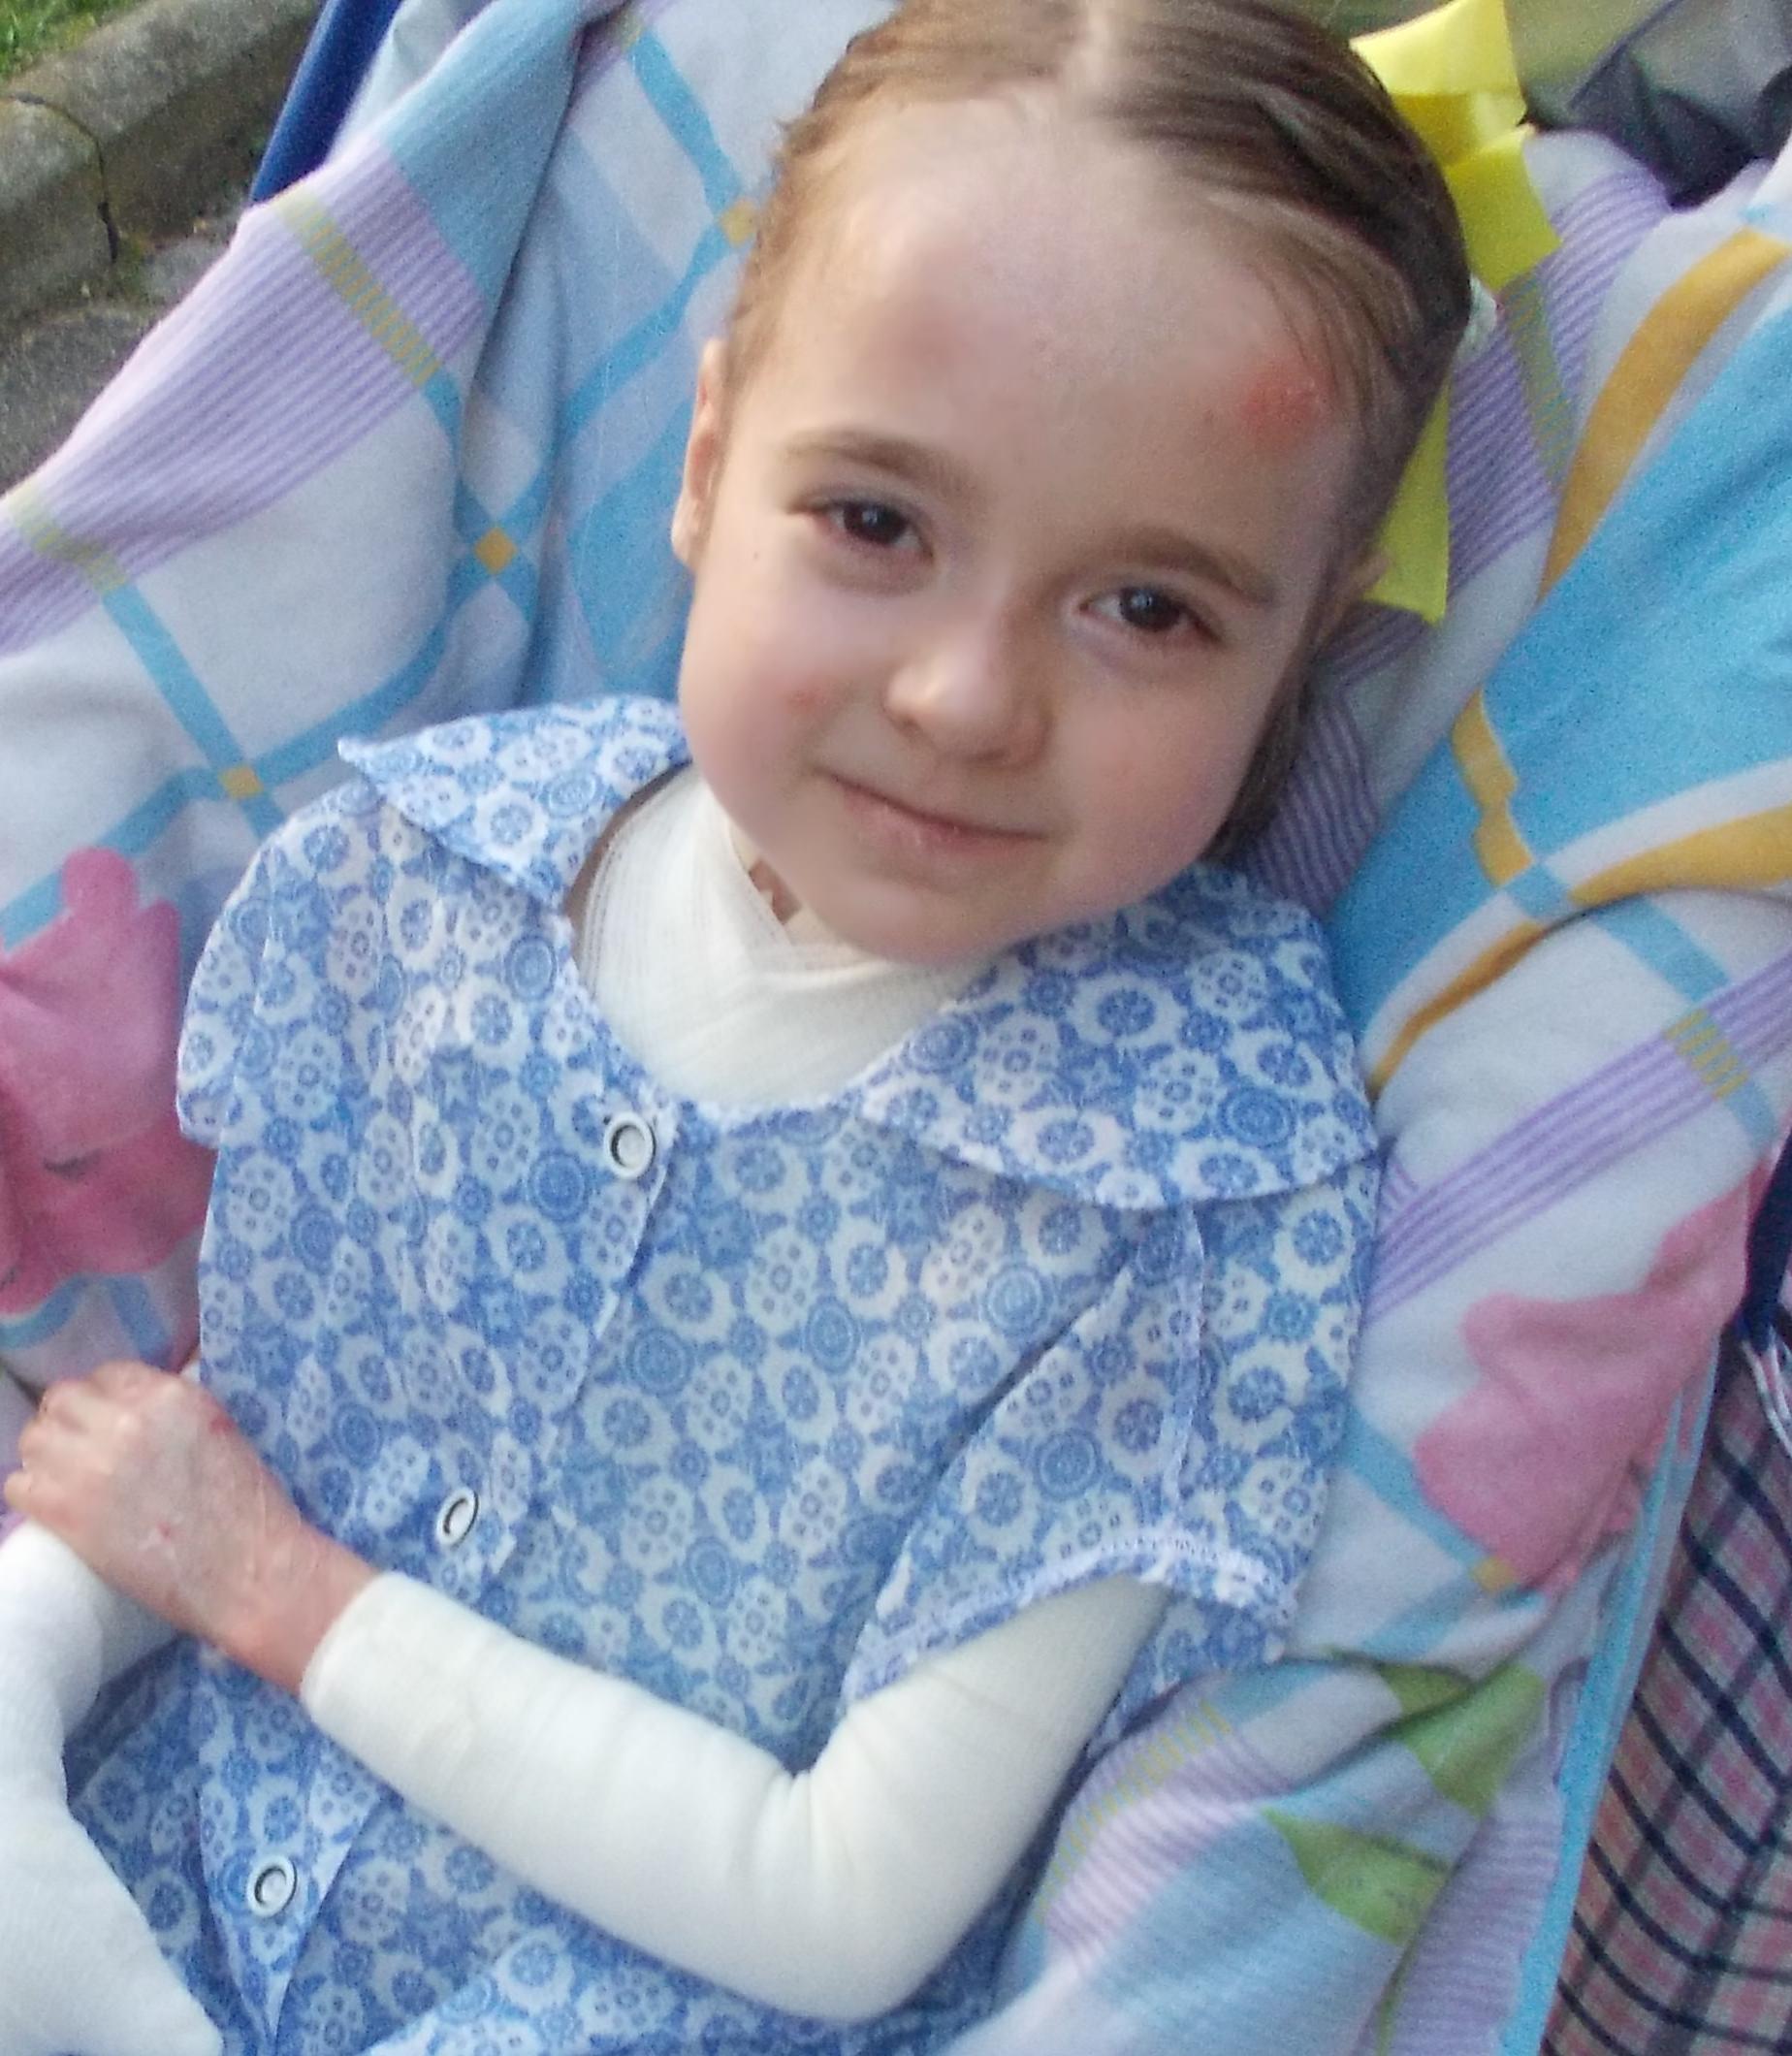 «дети-бабочки»: что нужно знать о буллёзном эпидермолизе